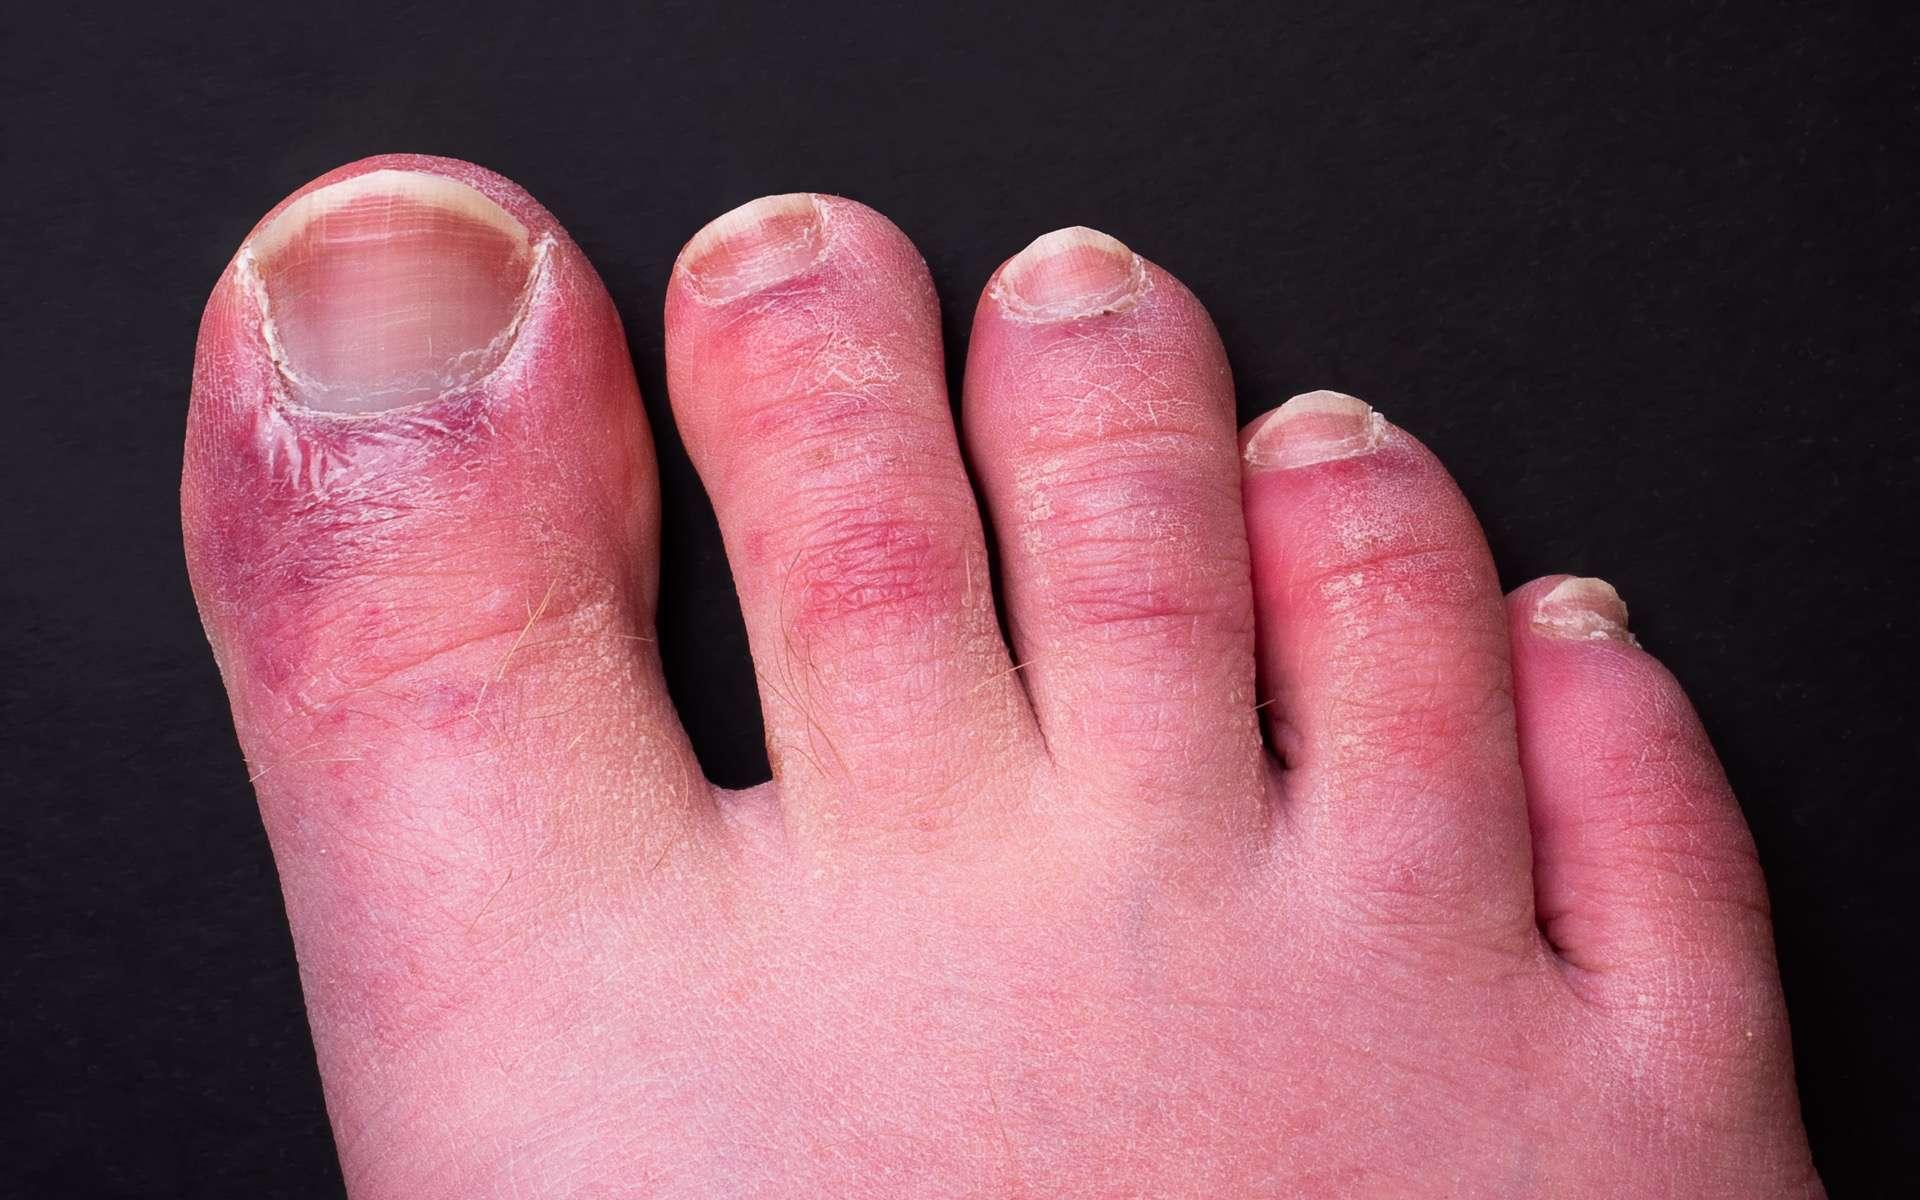 L'orteil violet, ou « orteil Covid », fait partie des éruptions cutanées symptomatiques de la Covid-19. © Christopher, Adobe Stock